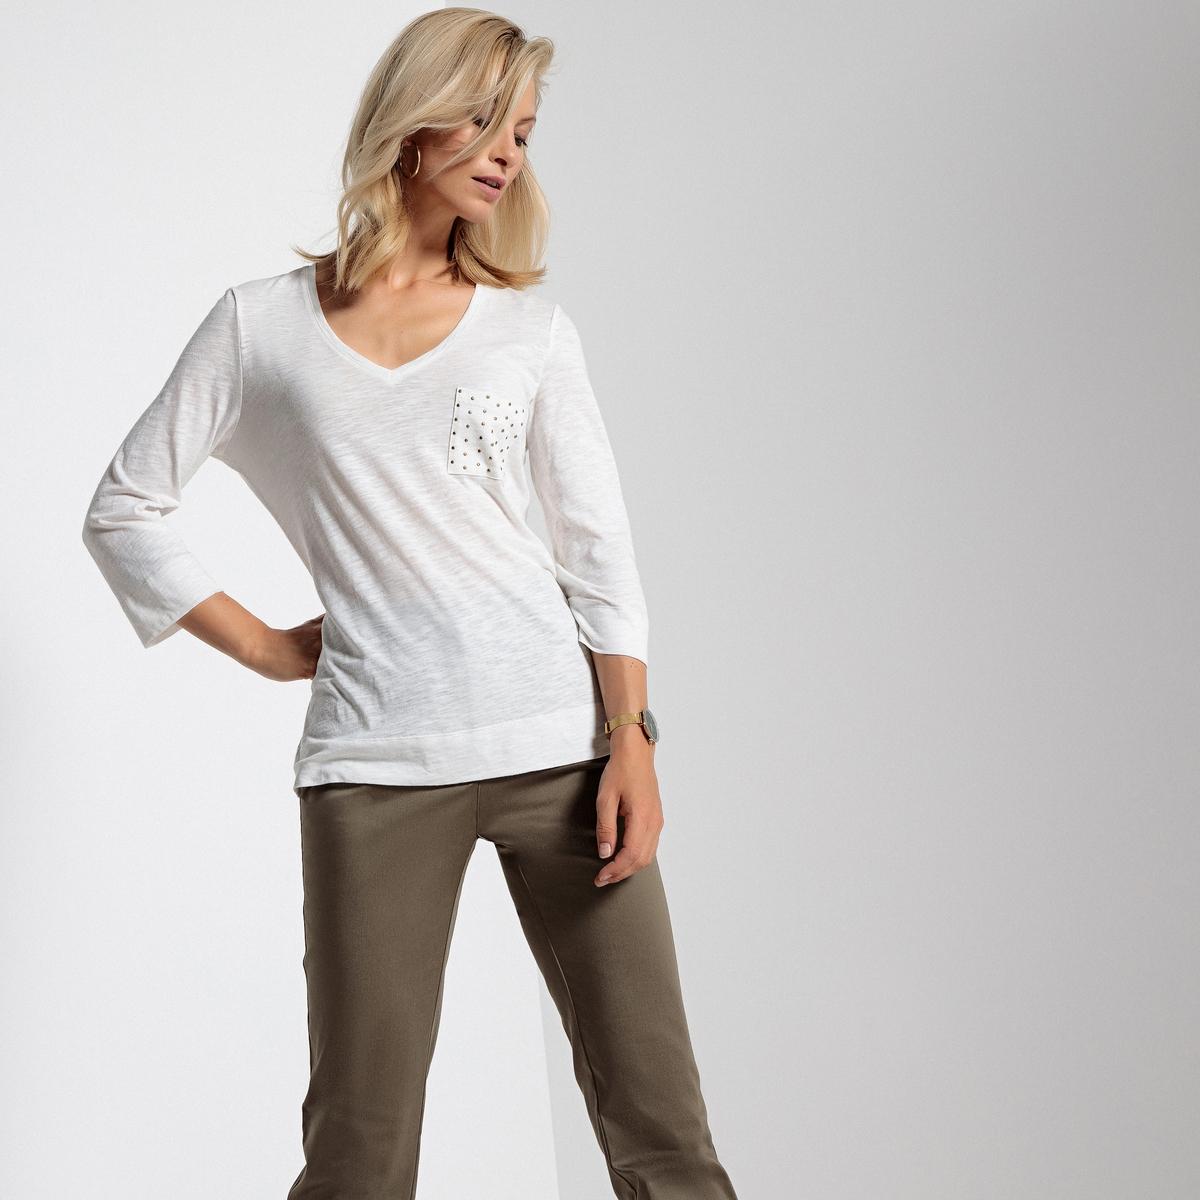 Футболка с V-образным вырезом и рукавами 3/4 модные мужские o образным вырезом кабины print pullover t shirts